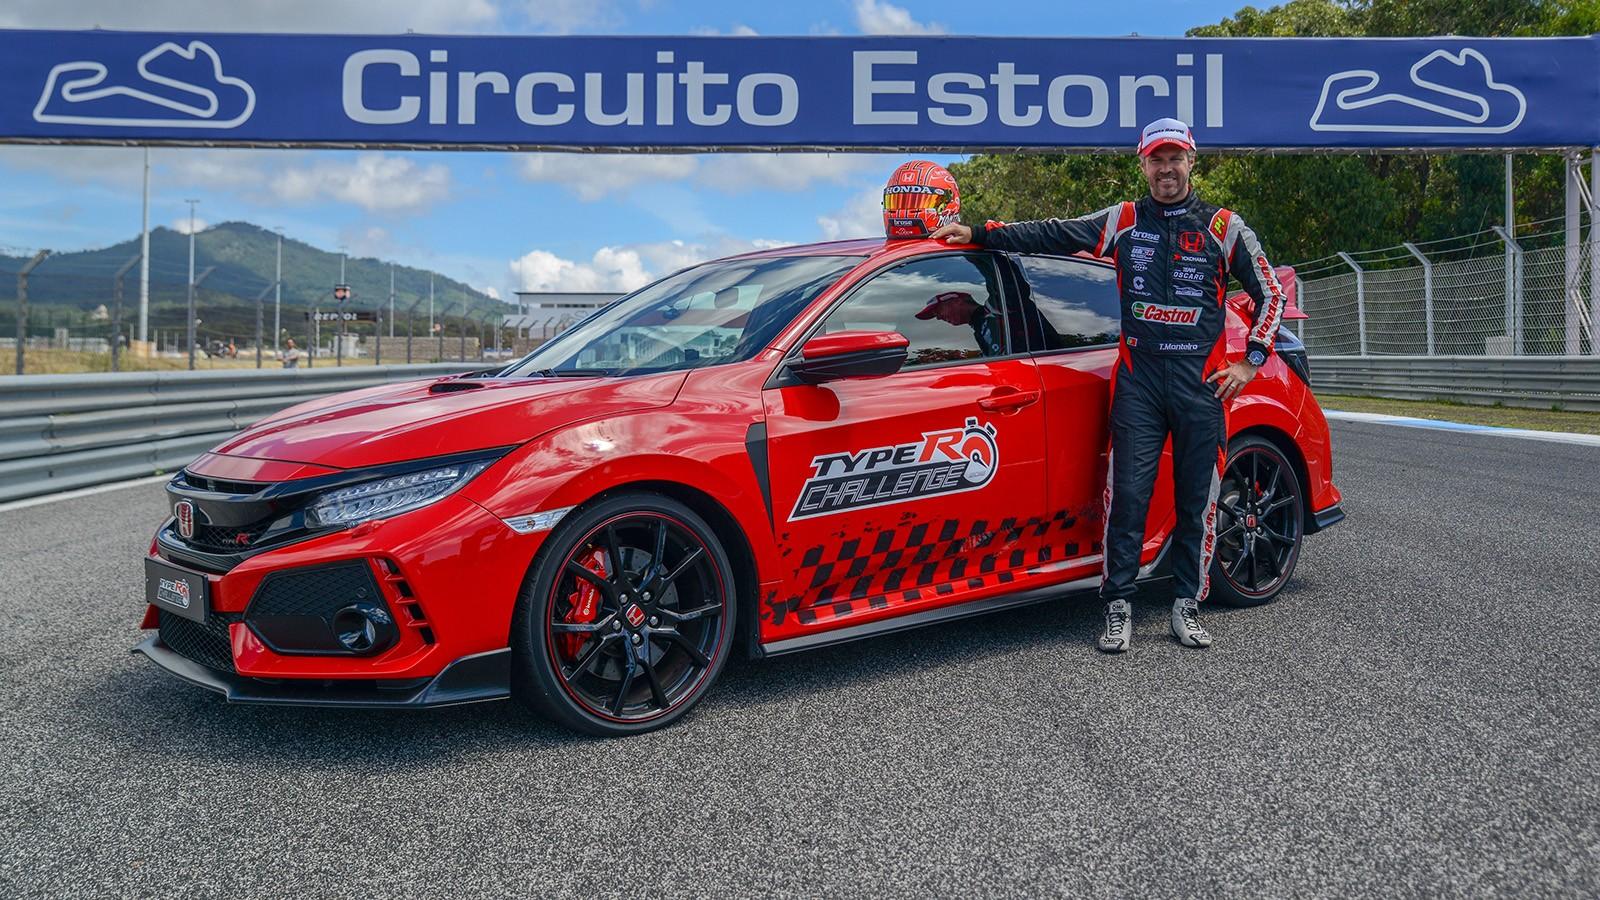 По словам Тьягу Монтейру, управлять Civic Type R — одно удовольствие, потому что нет ощущения, что это чисто спортивный автомобиль -